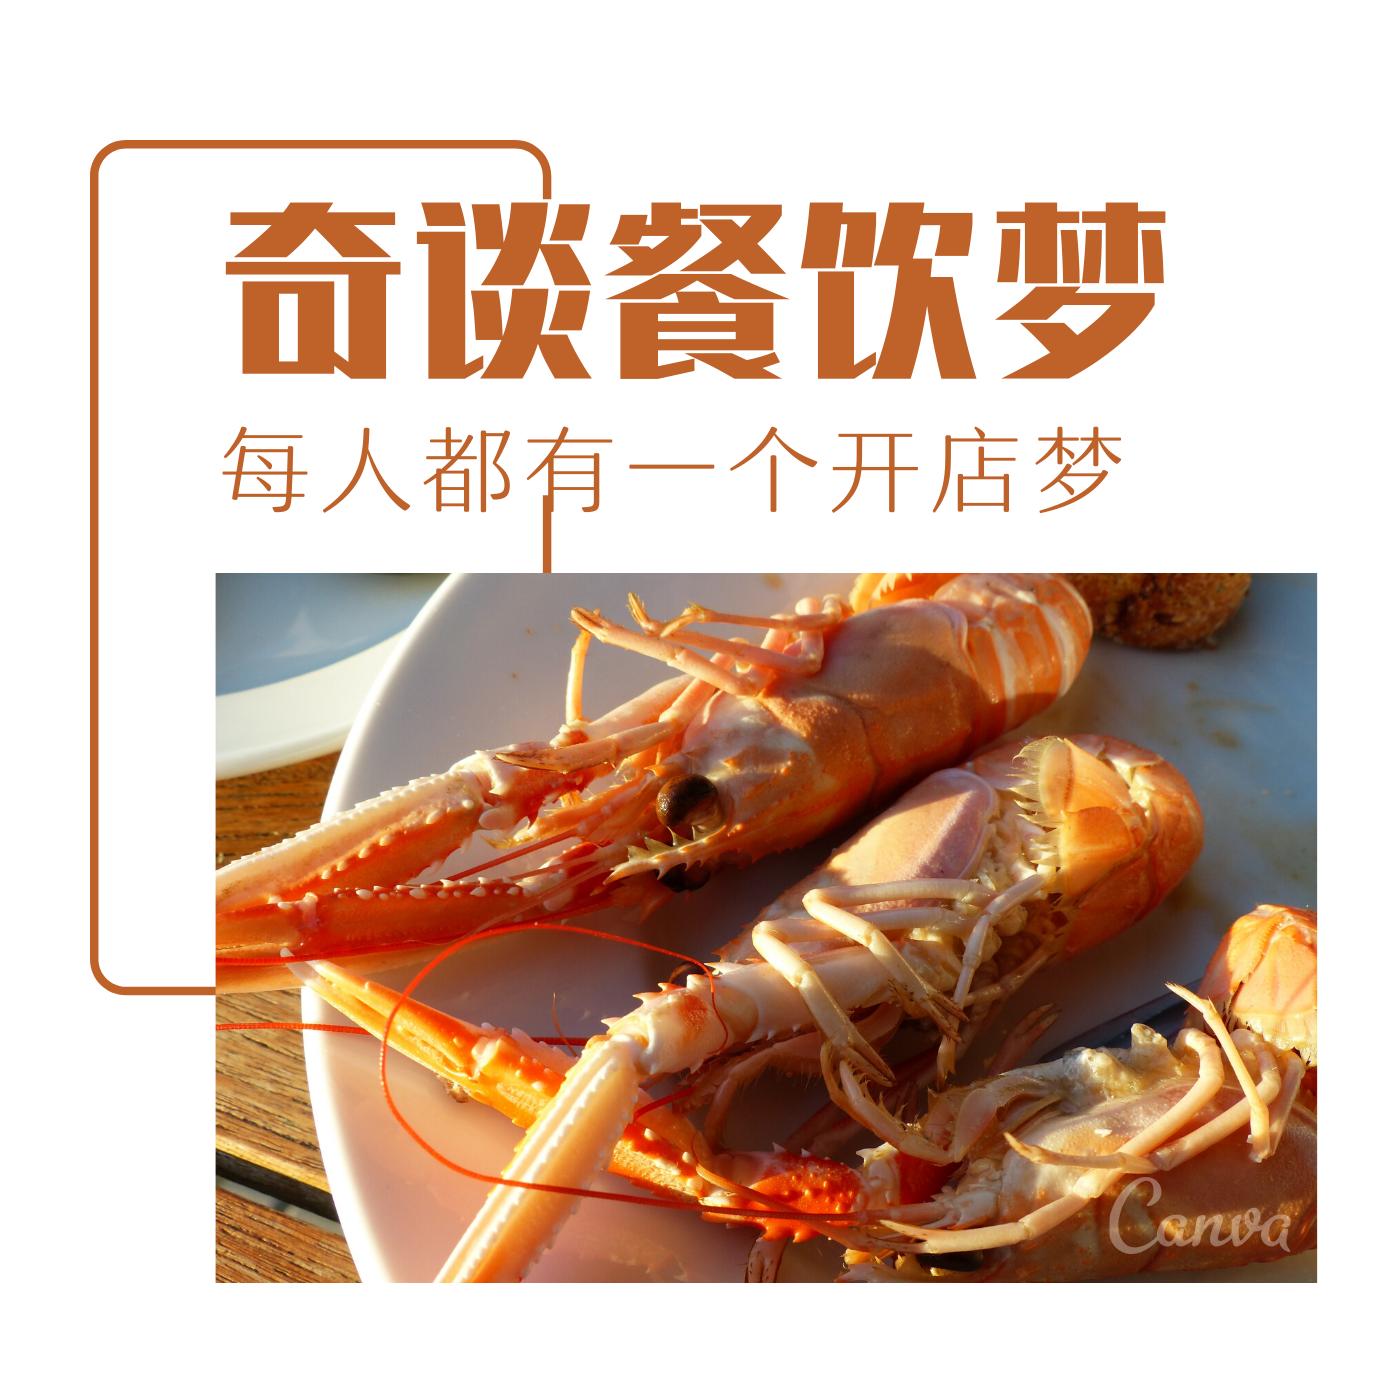 餐饮【奇谈开店梦】100话题